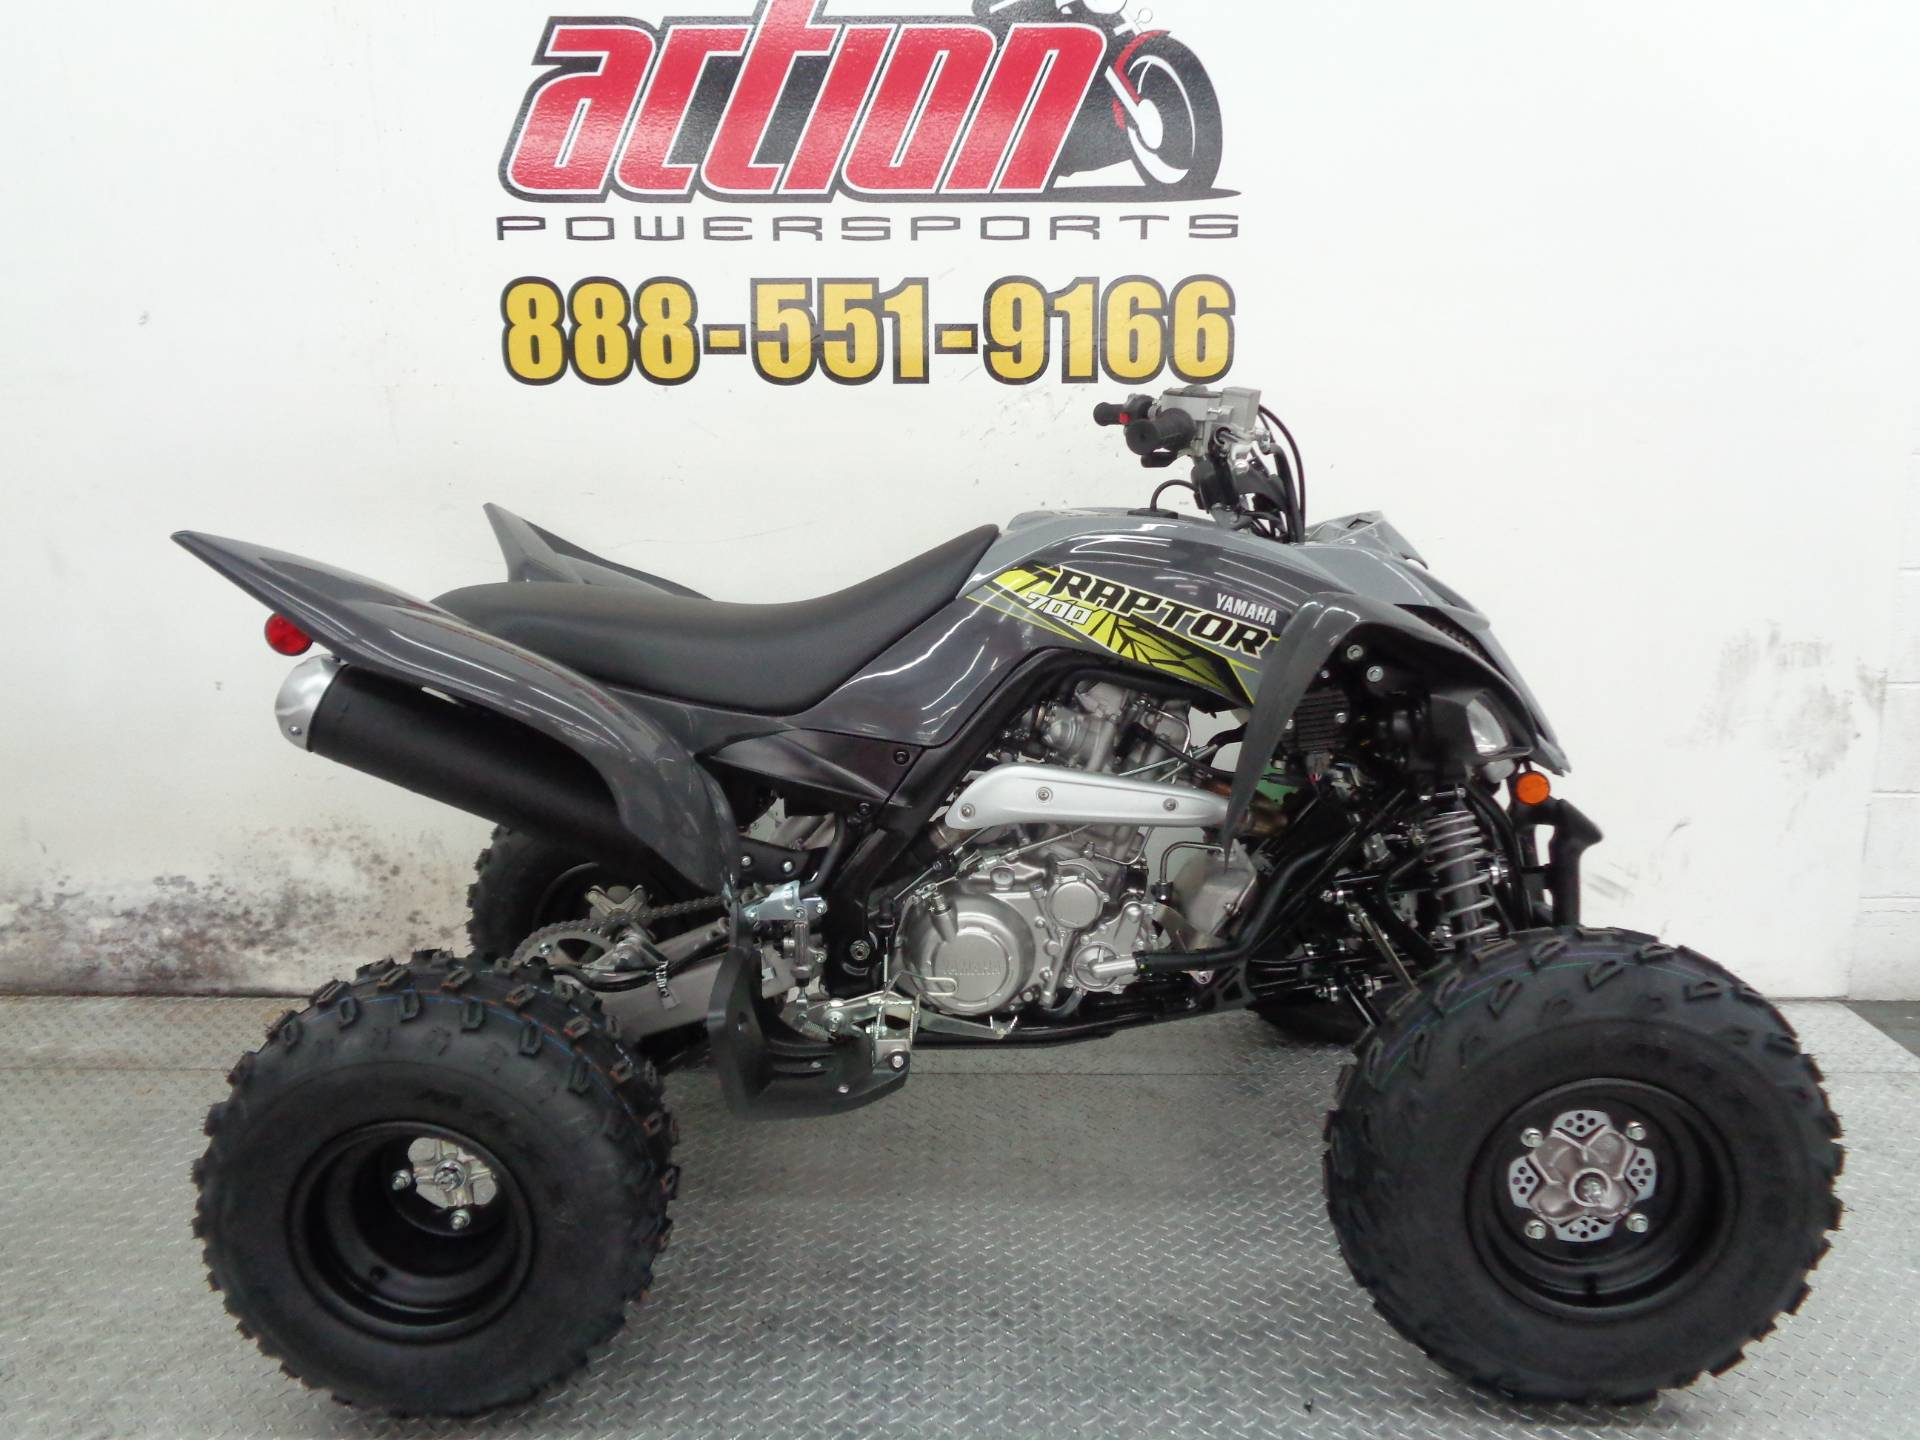 2019 Yamaha Raptor 700 1